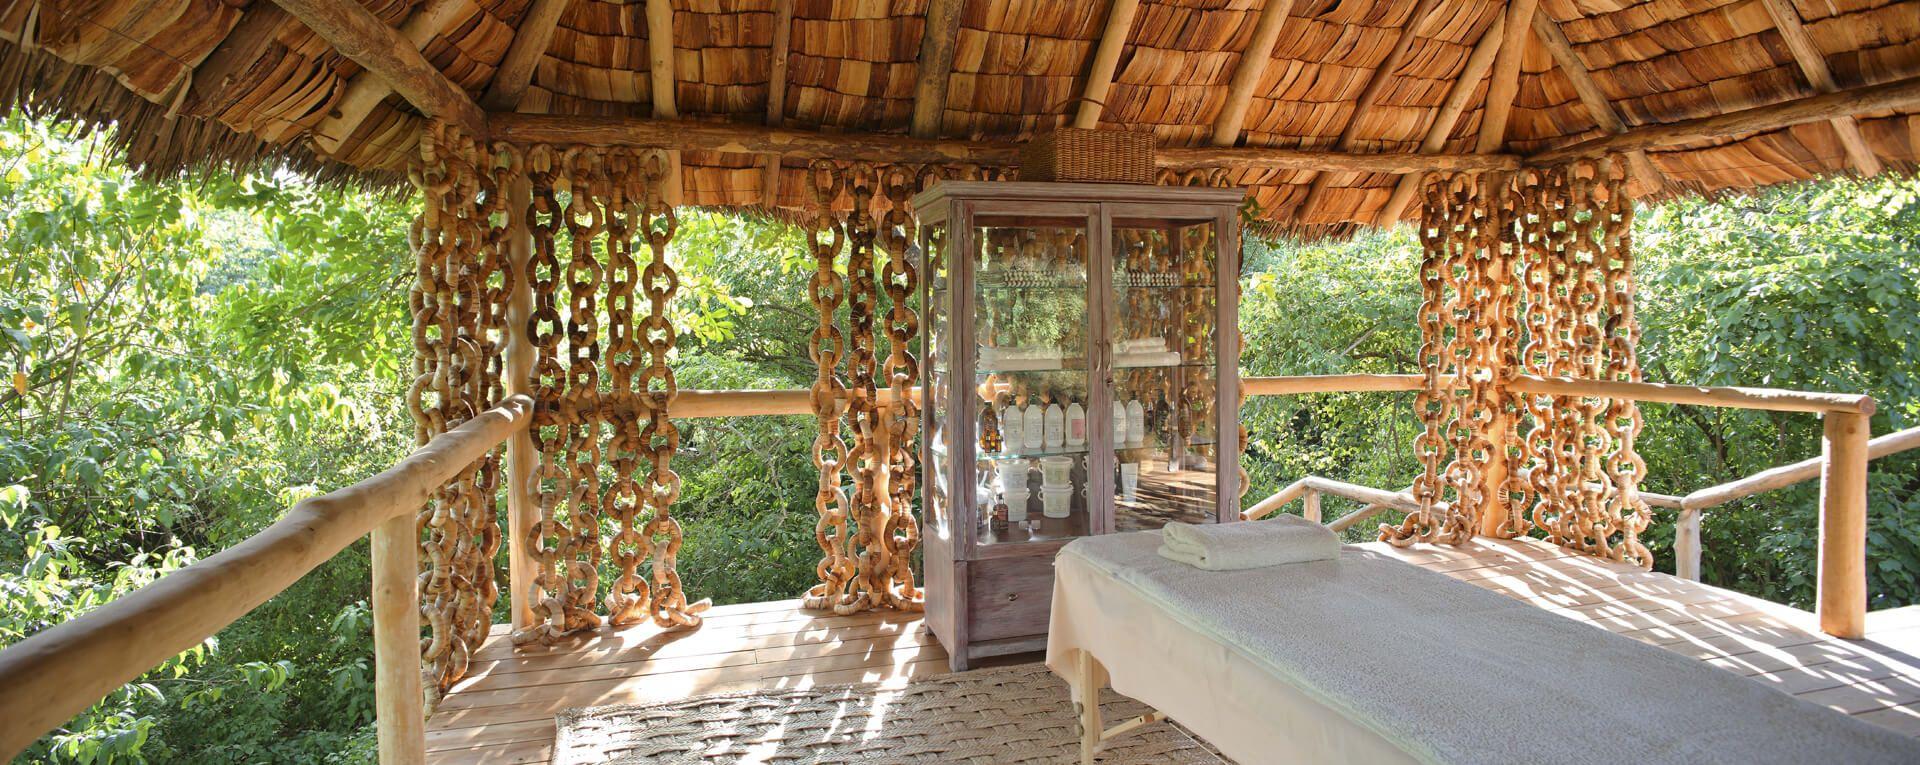 &Beyond Lake Manyara Tree Lodge